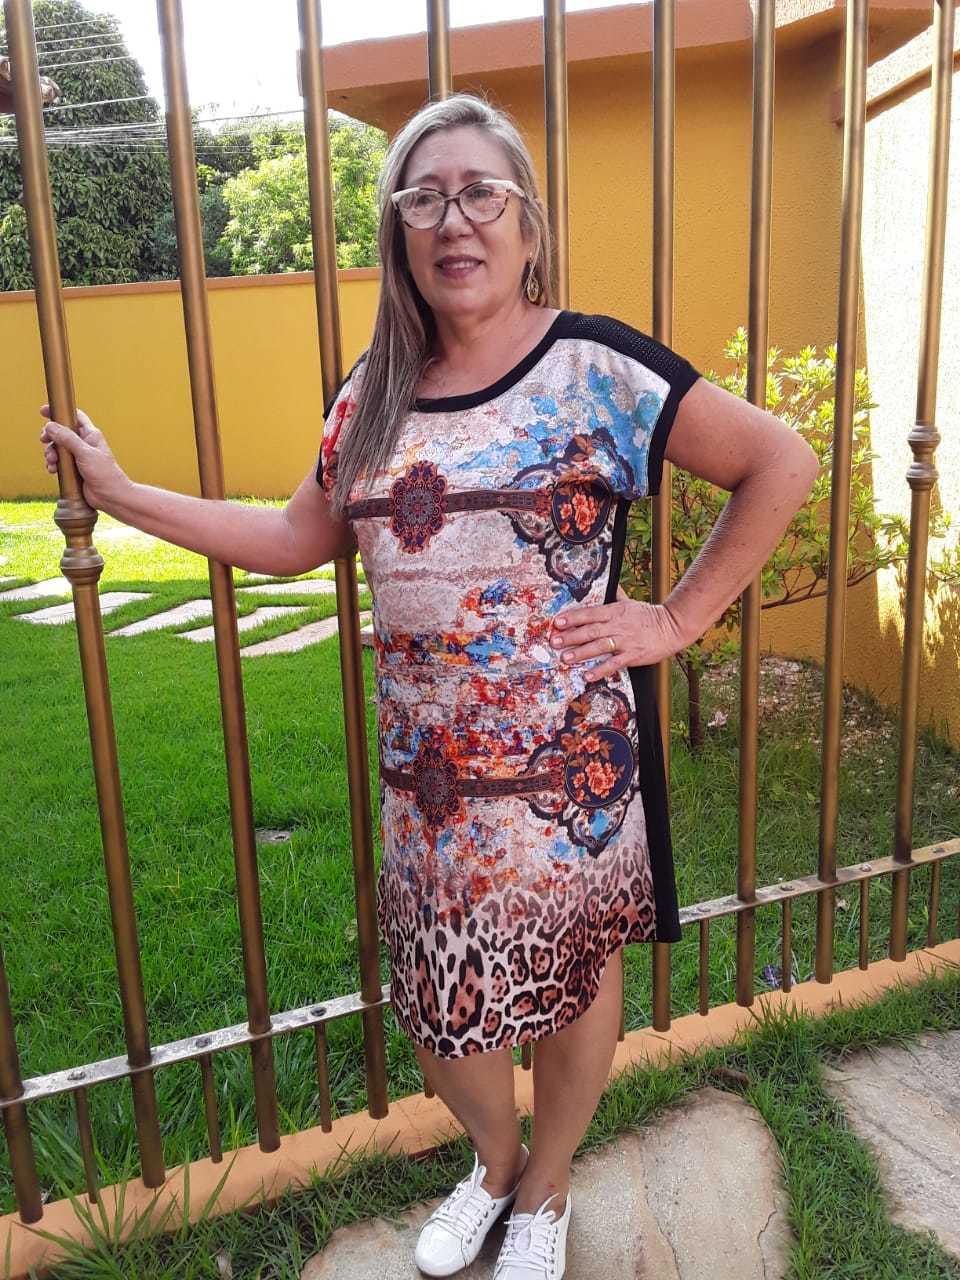 VESTIDO MODA MAIOR NO CREPE COM VISCOLYCRA - MARCÔ FASHION